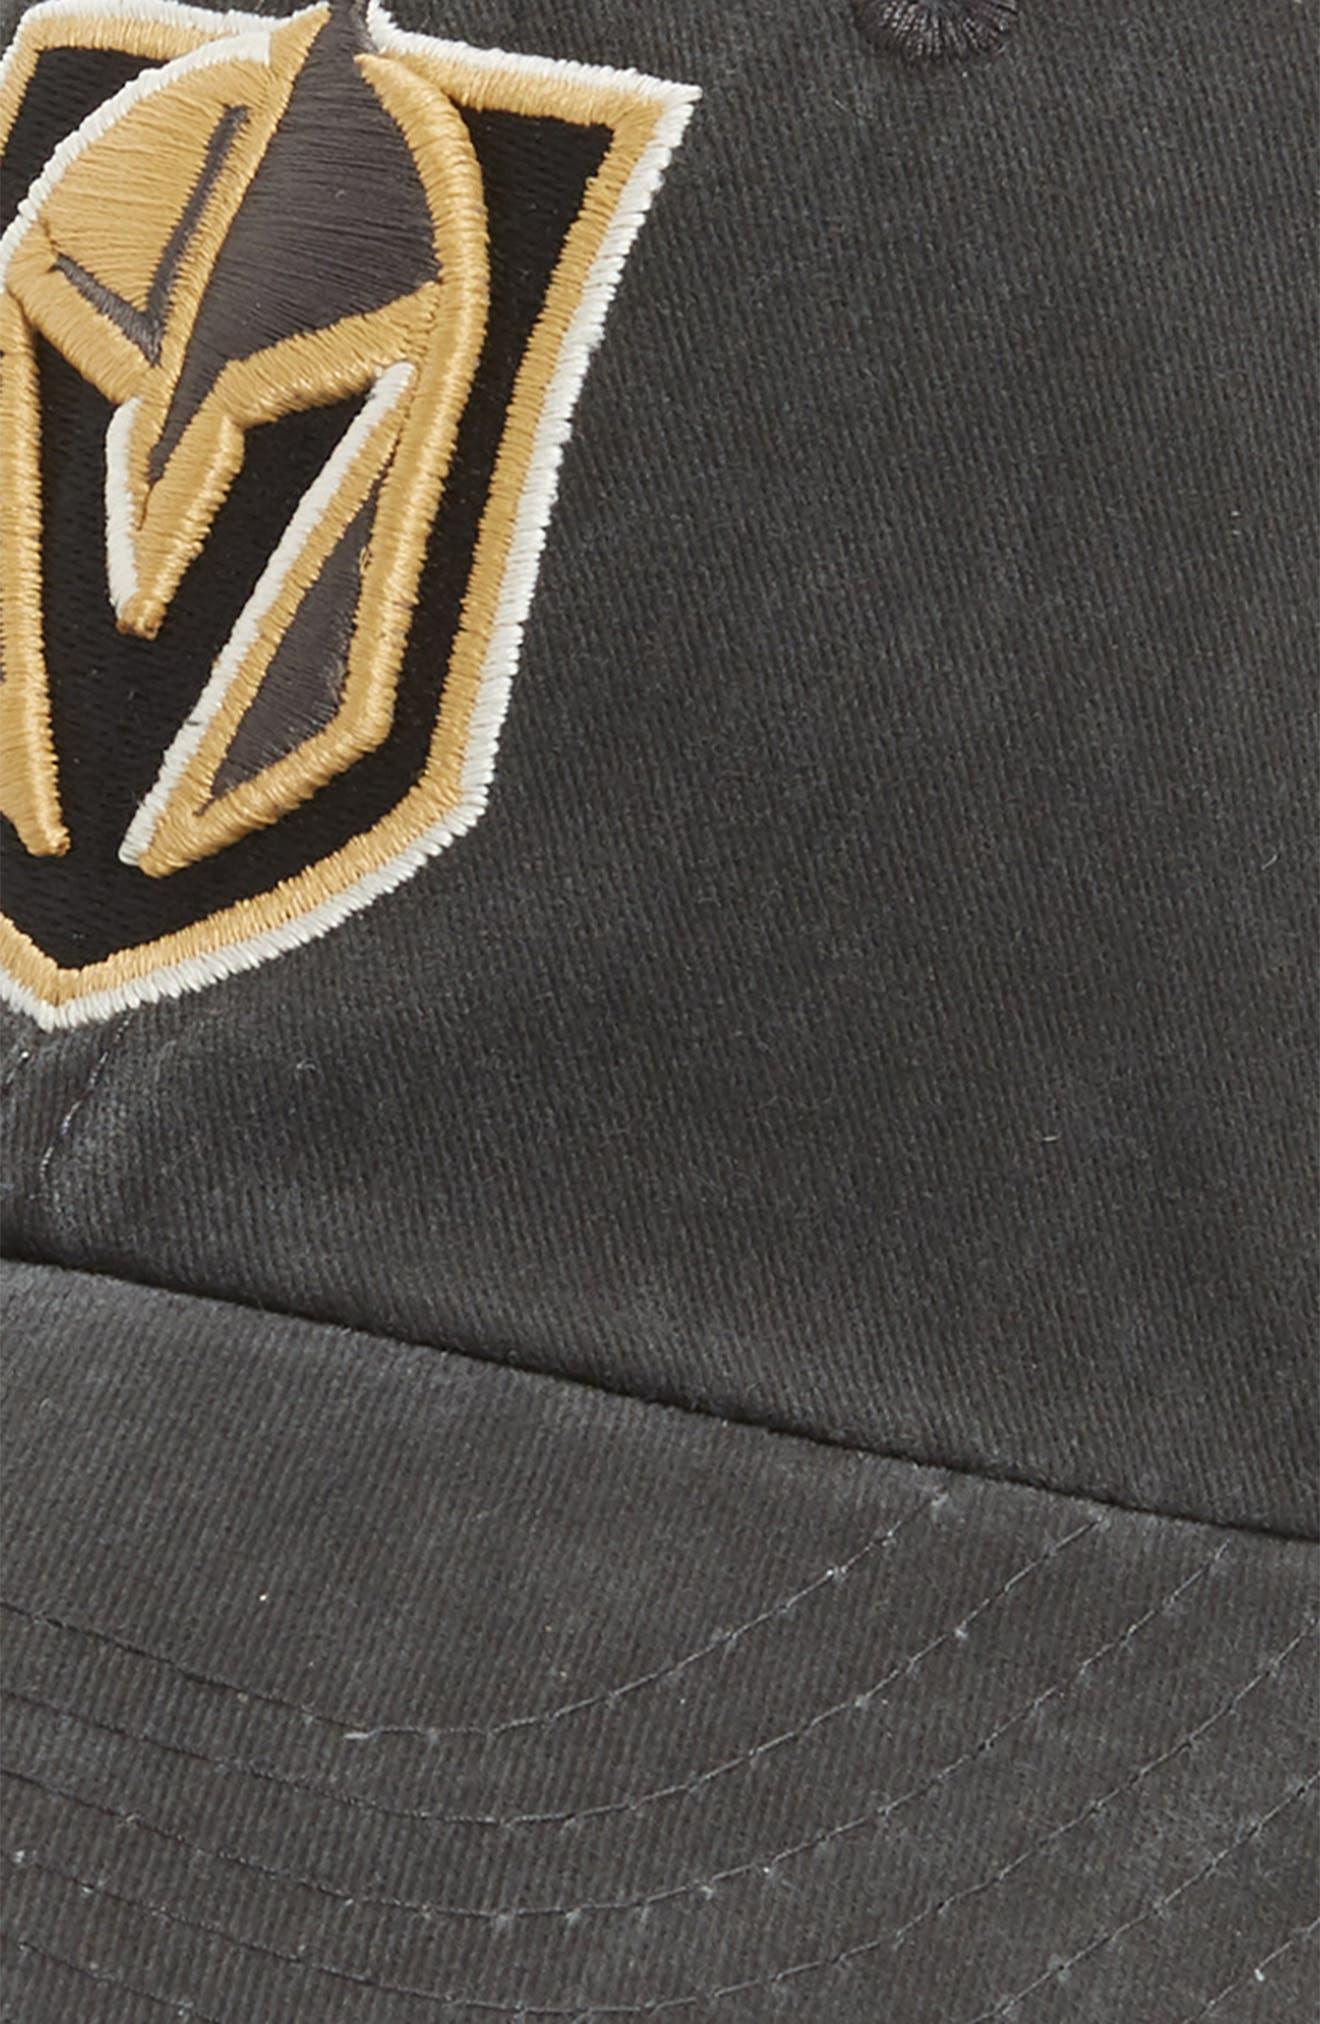 New Raglan Las Vegas Golden Knights Baseball Cap,                             Alternate thumbnail 4, color,                             GOLDEN KNIGHTS